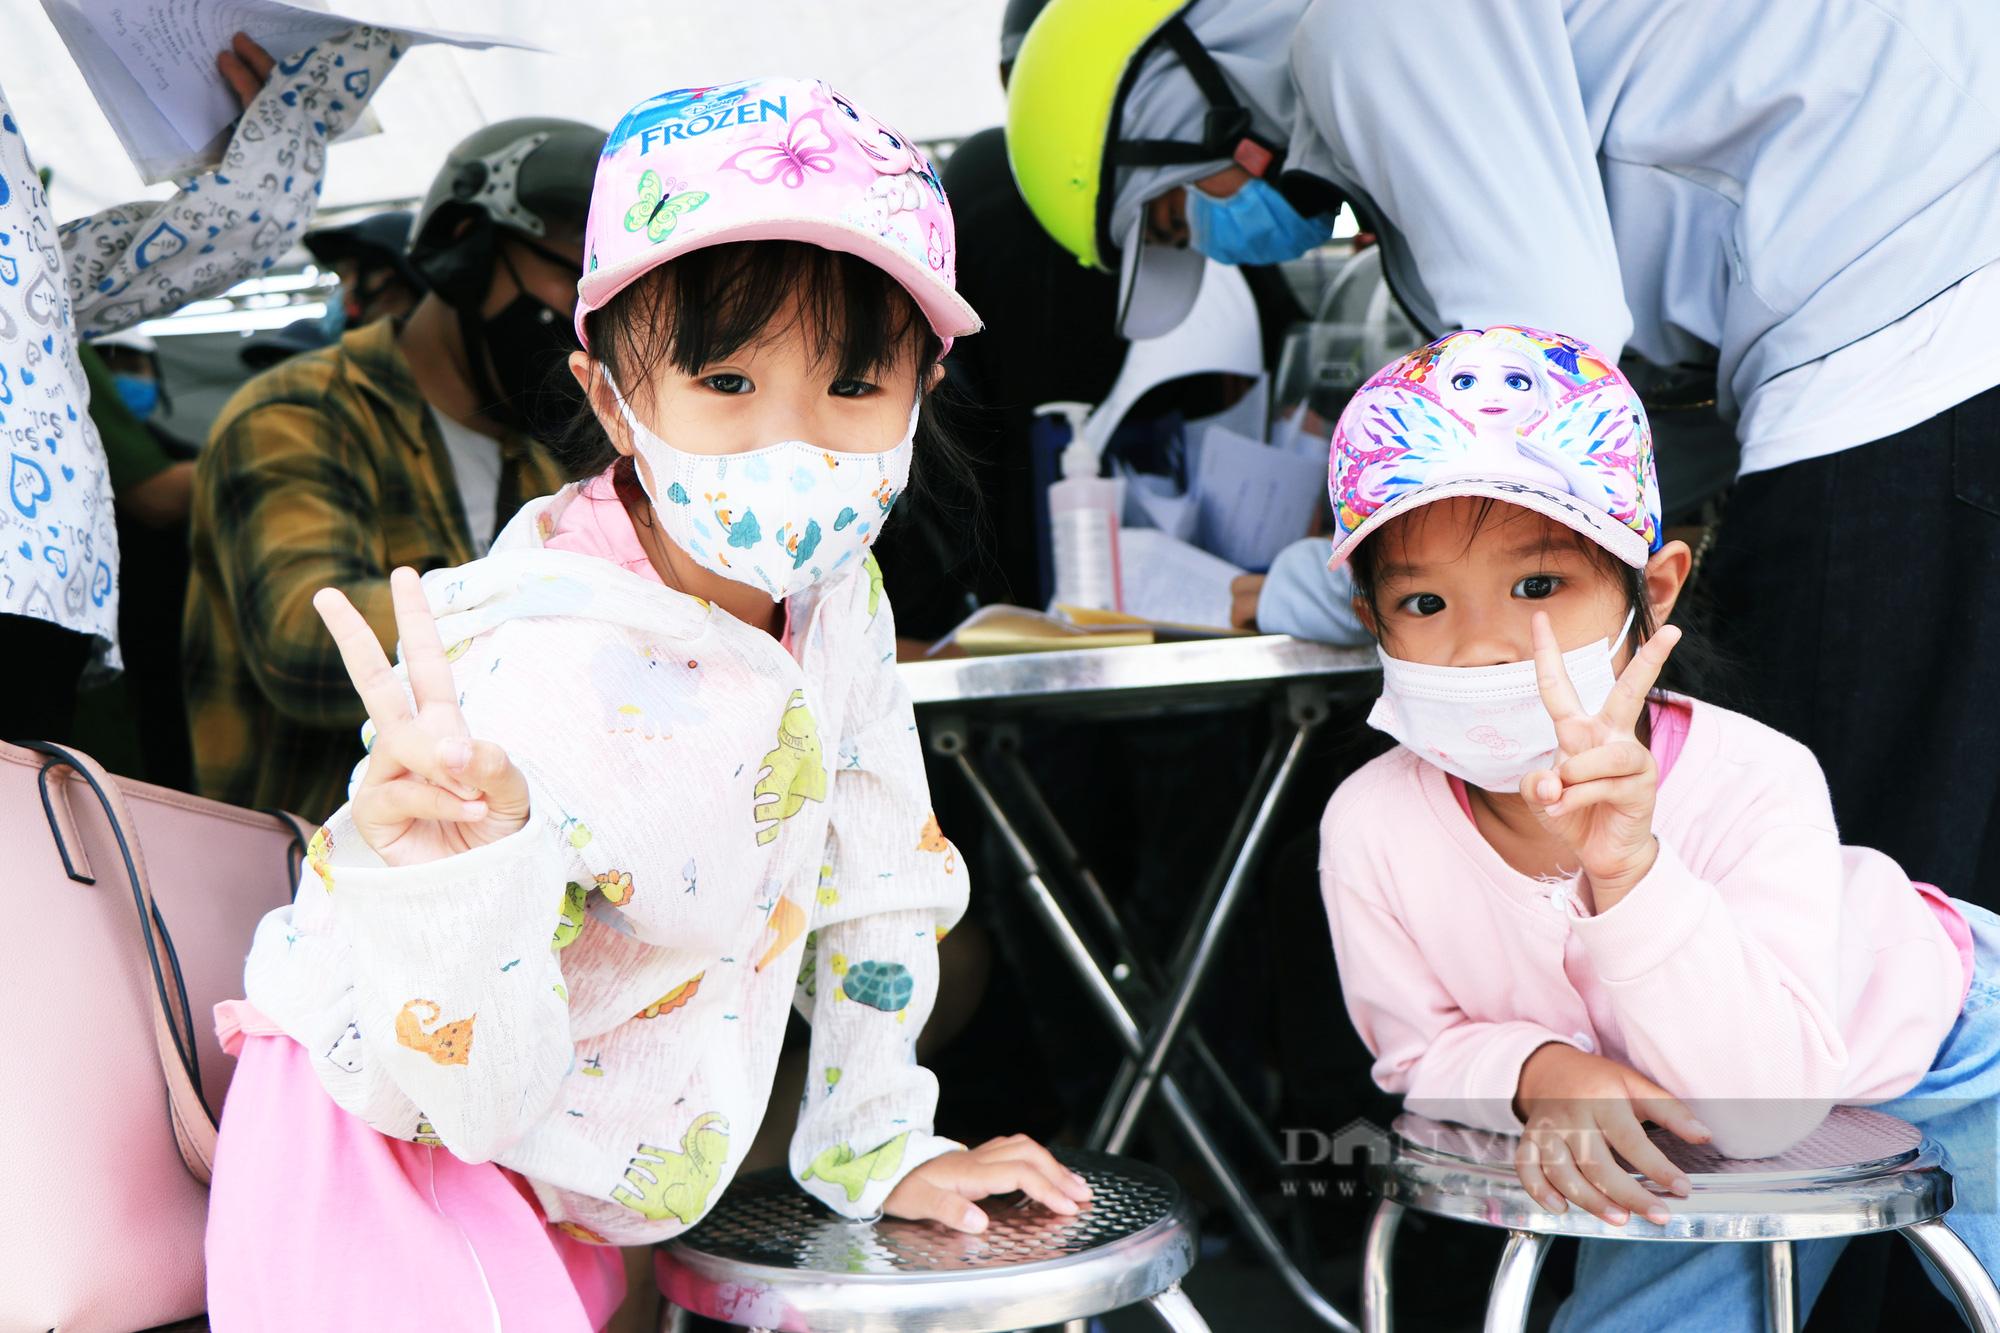 Trẻ nhỏ ngủ gục, đội nắng theo chân cha mẹ vượt hành trình hàng trăm km ra Hà Nội kiếm kế sinh nhai - Ảnh 11.